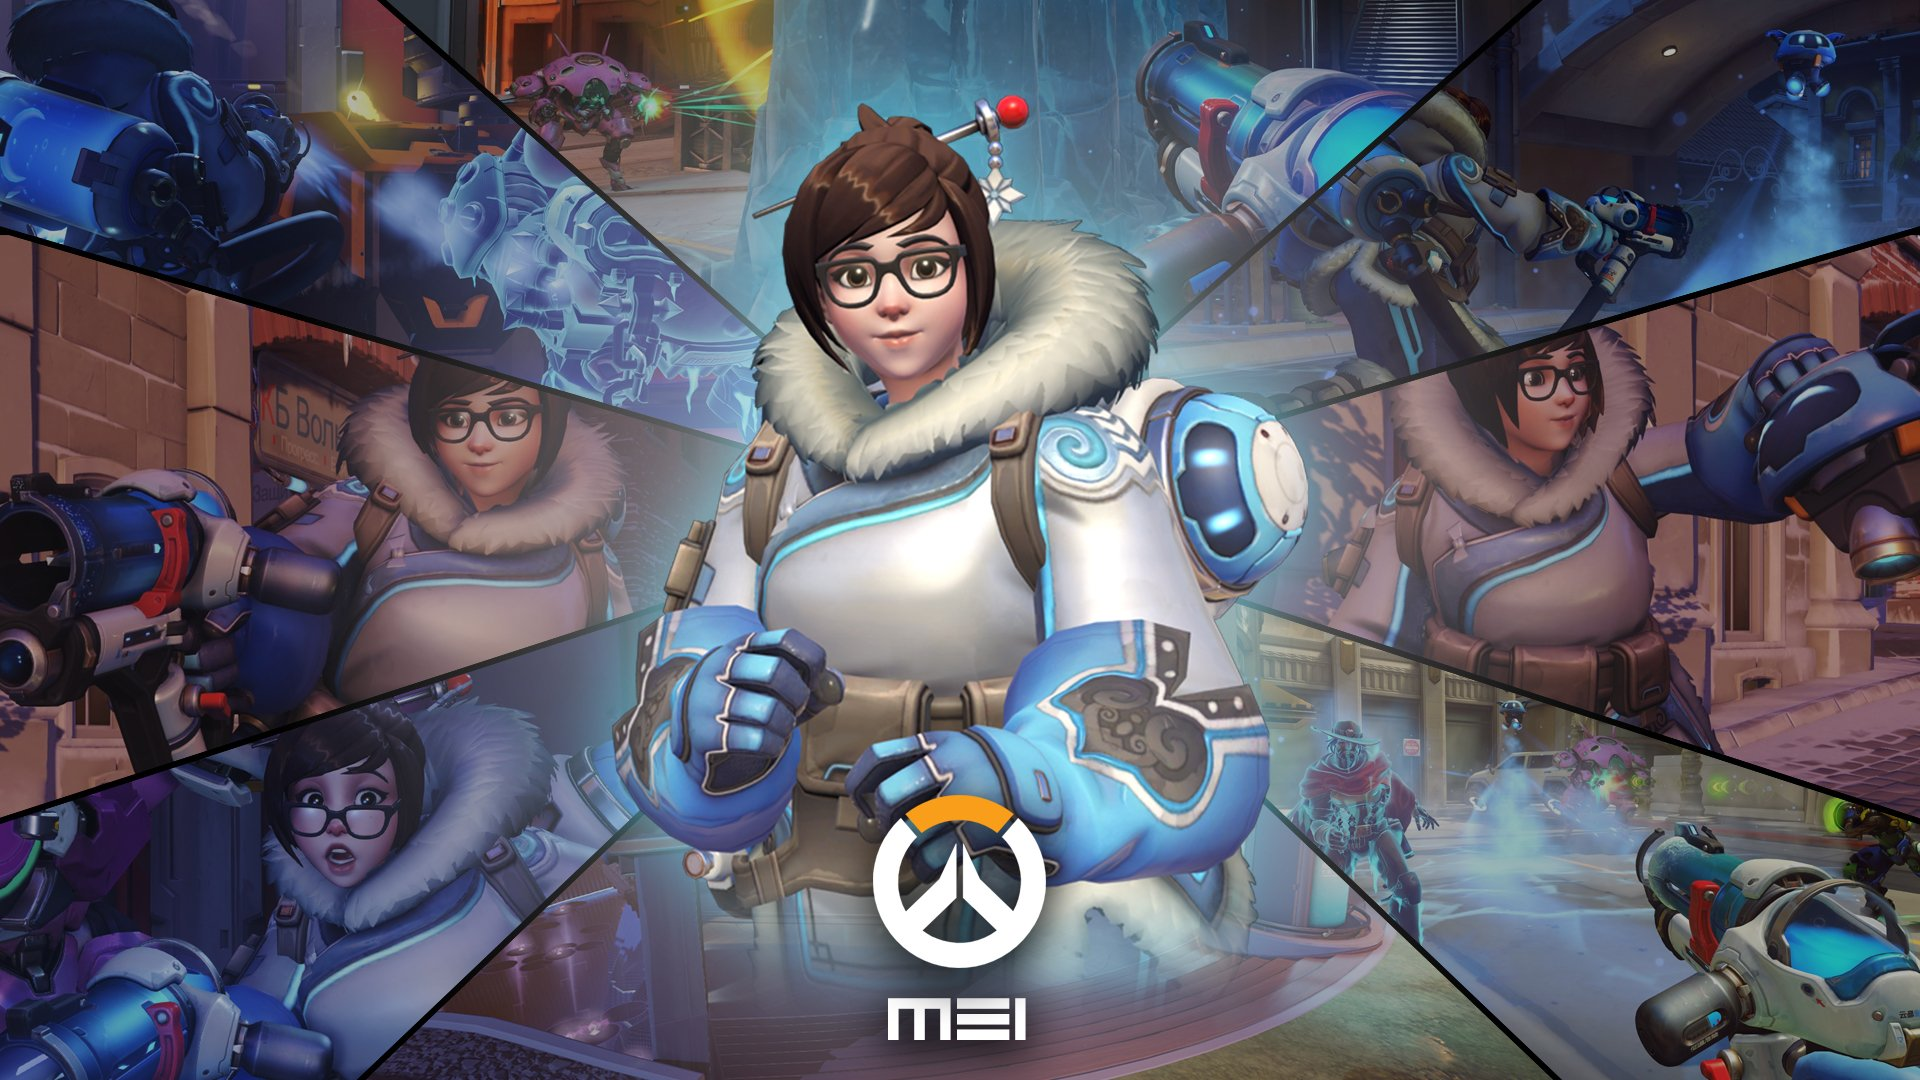 电子游戏 - 守望先锋  Mei (Overwatch) 壁纸